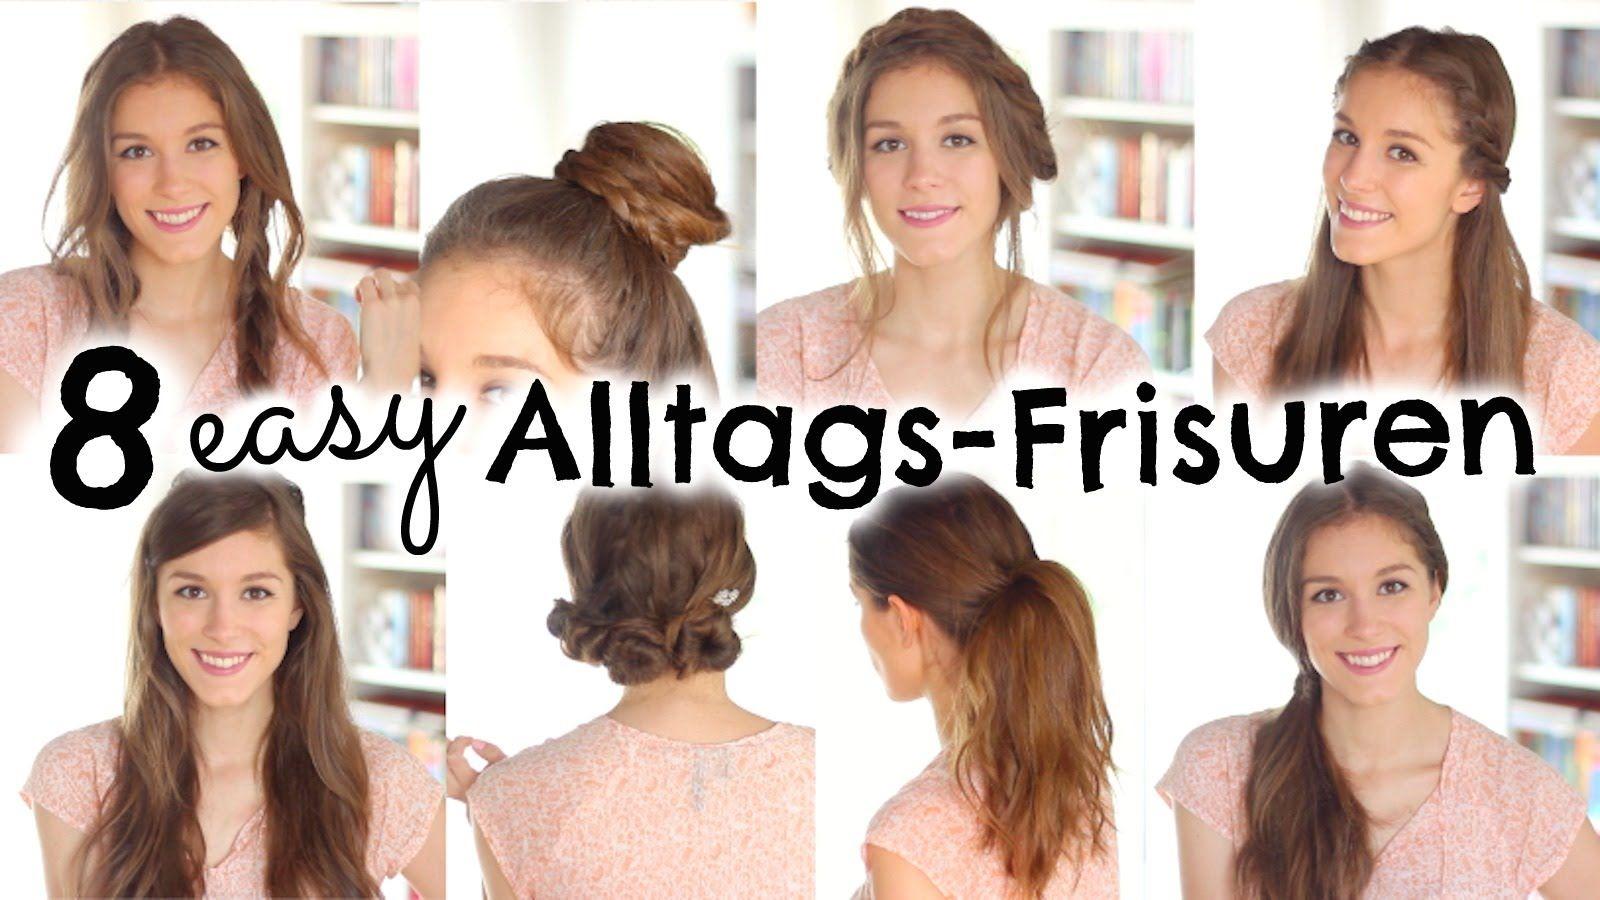 8 Easy Frisuren Fur Den Alltag Schule Barbieloveslipsticks Haar Ideen Fur Die Schule Frauen Frisuren Haar Styling